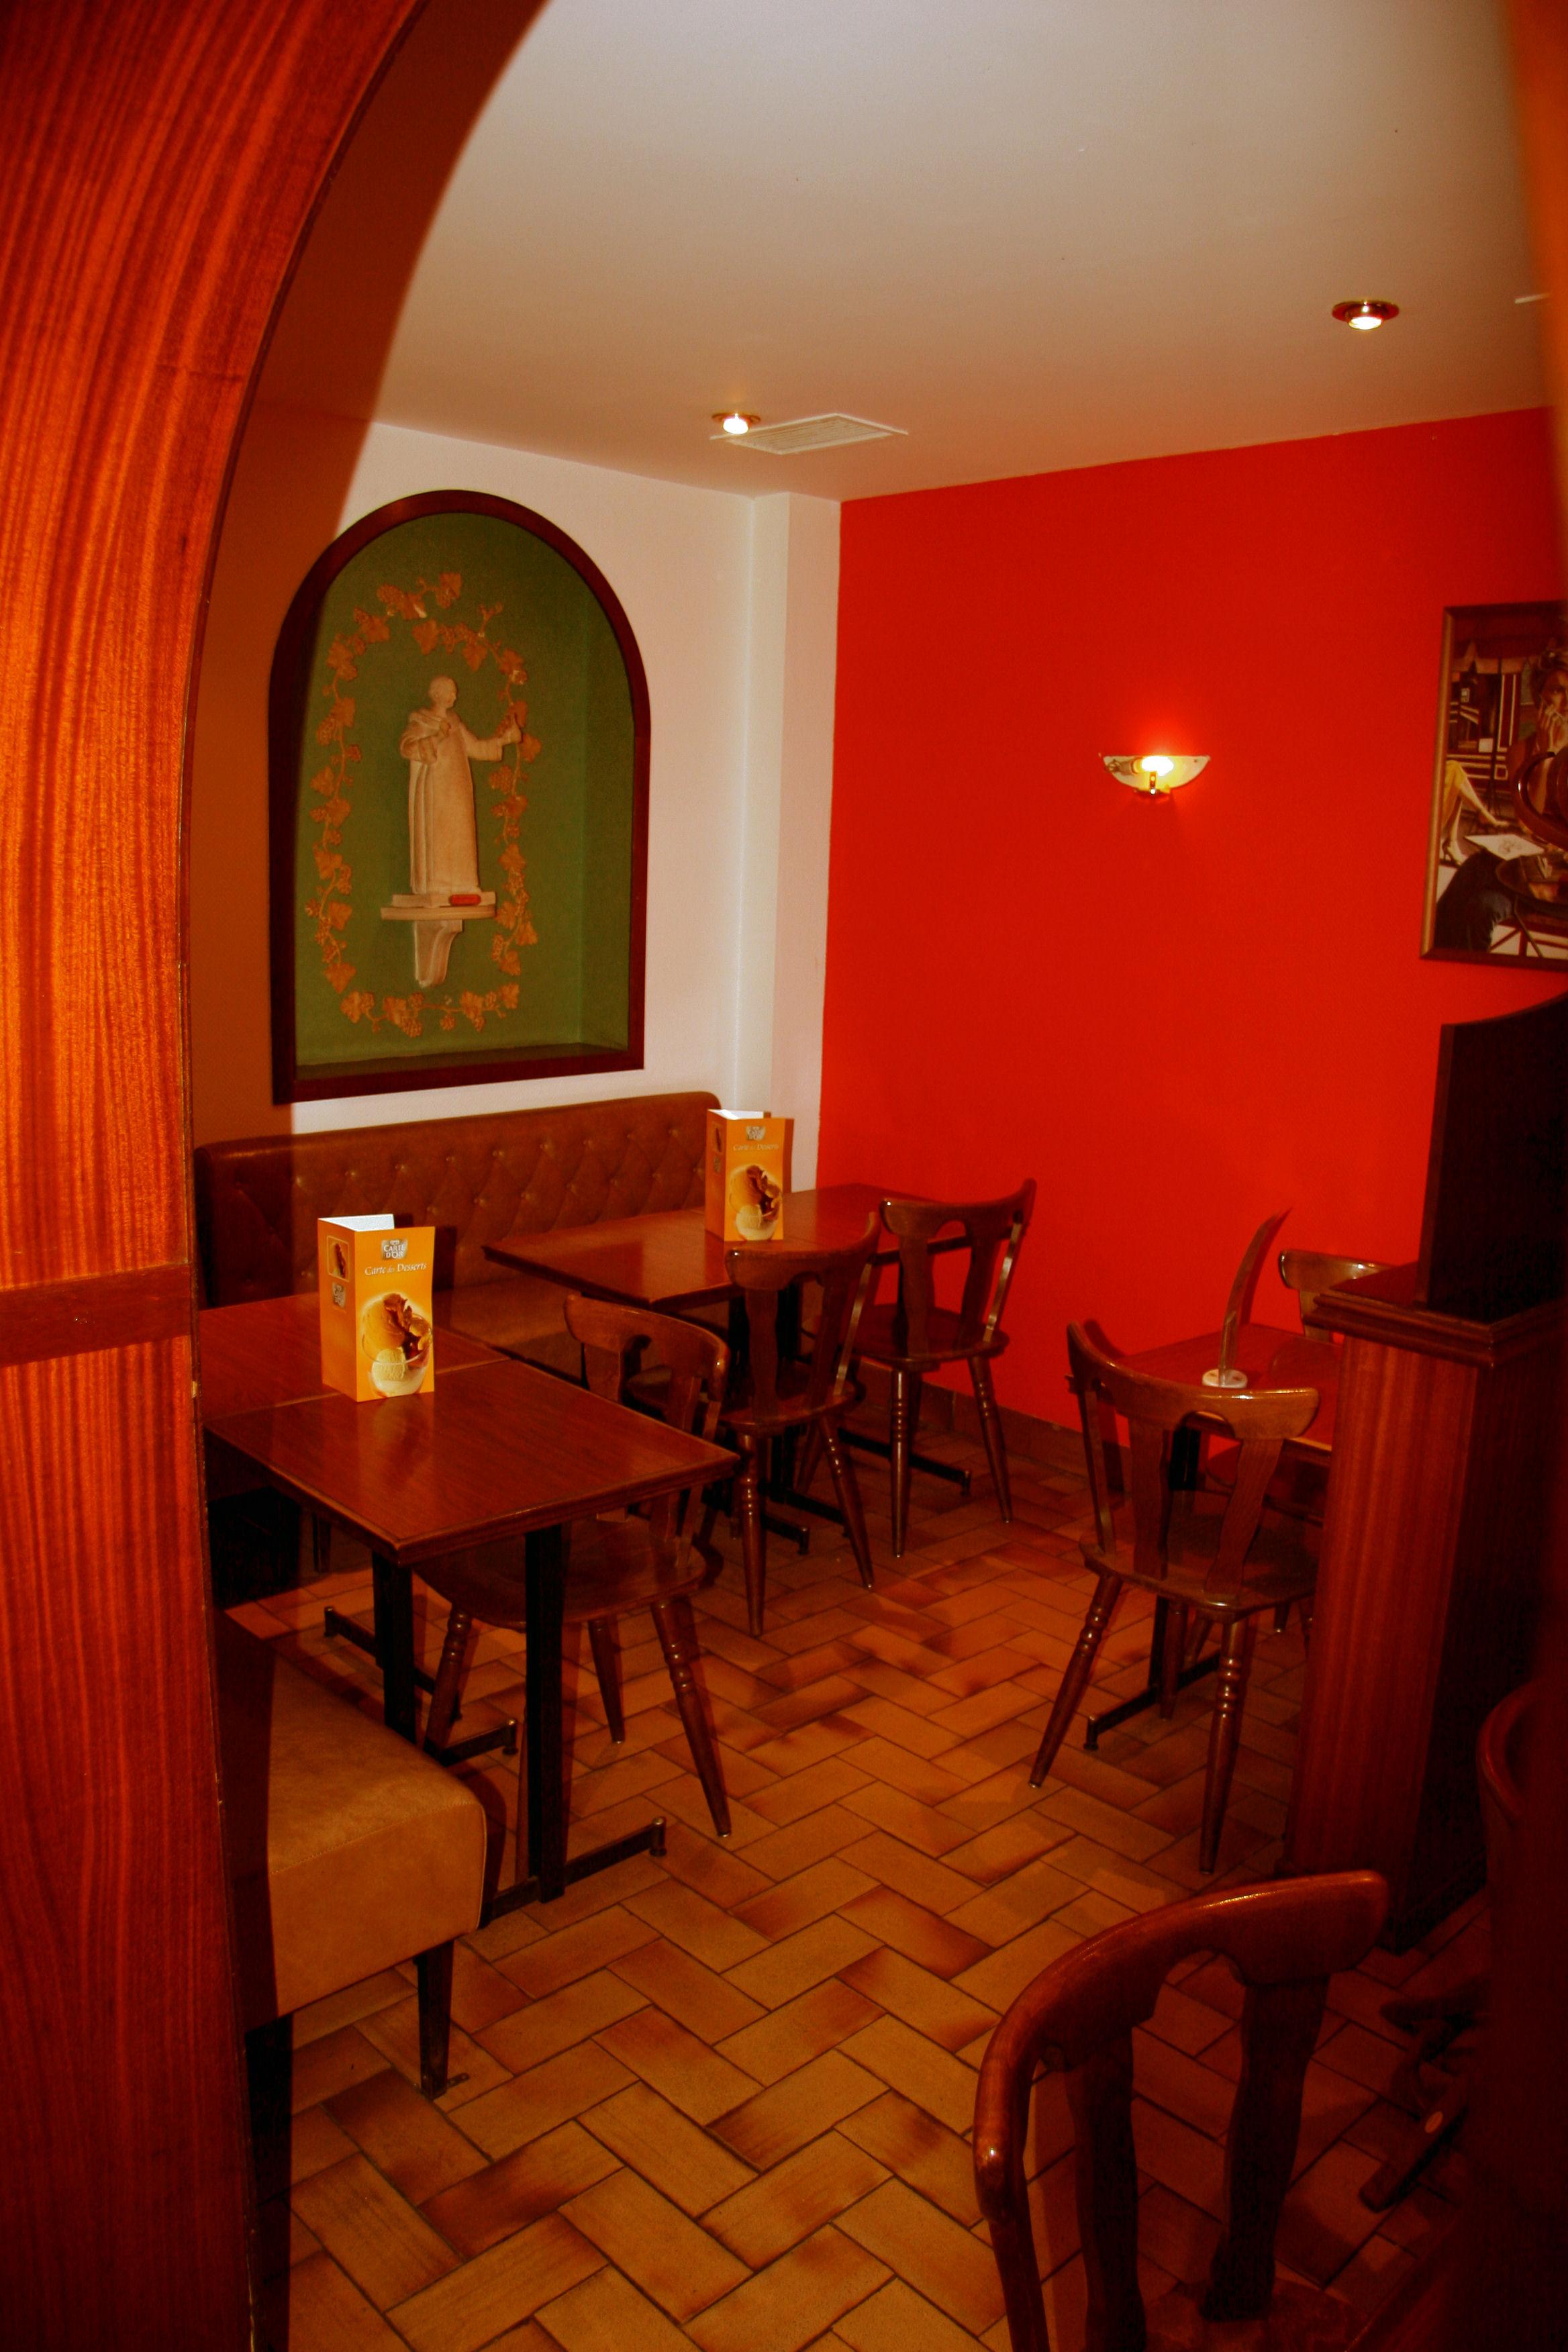 Brasserie le carnot reims site officiel du tourisme en - Brasserie le jardin reims ...